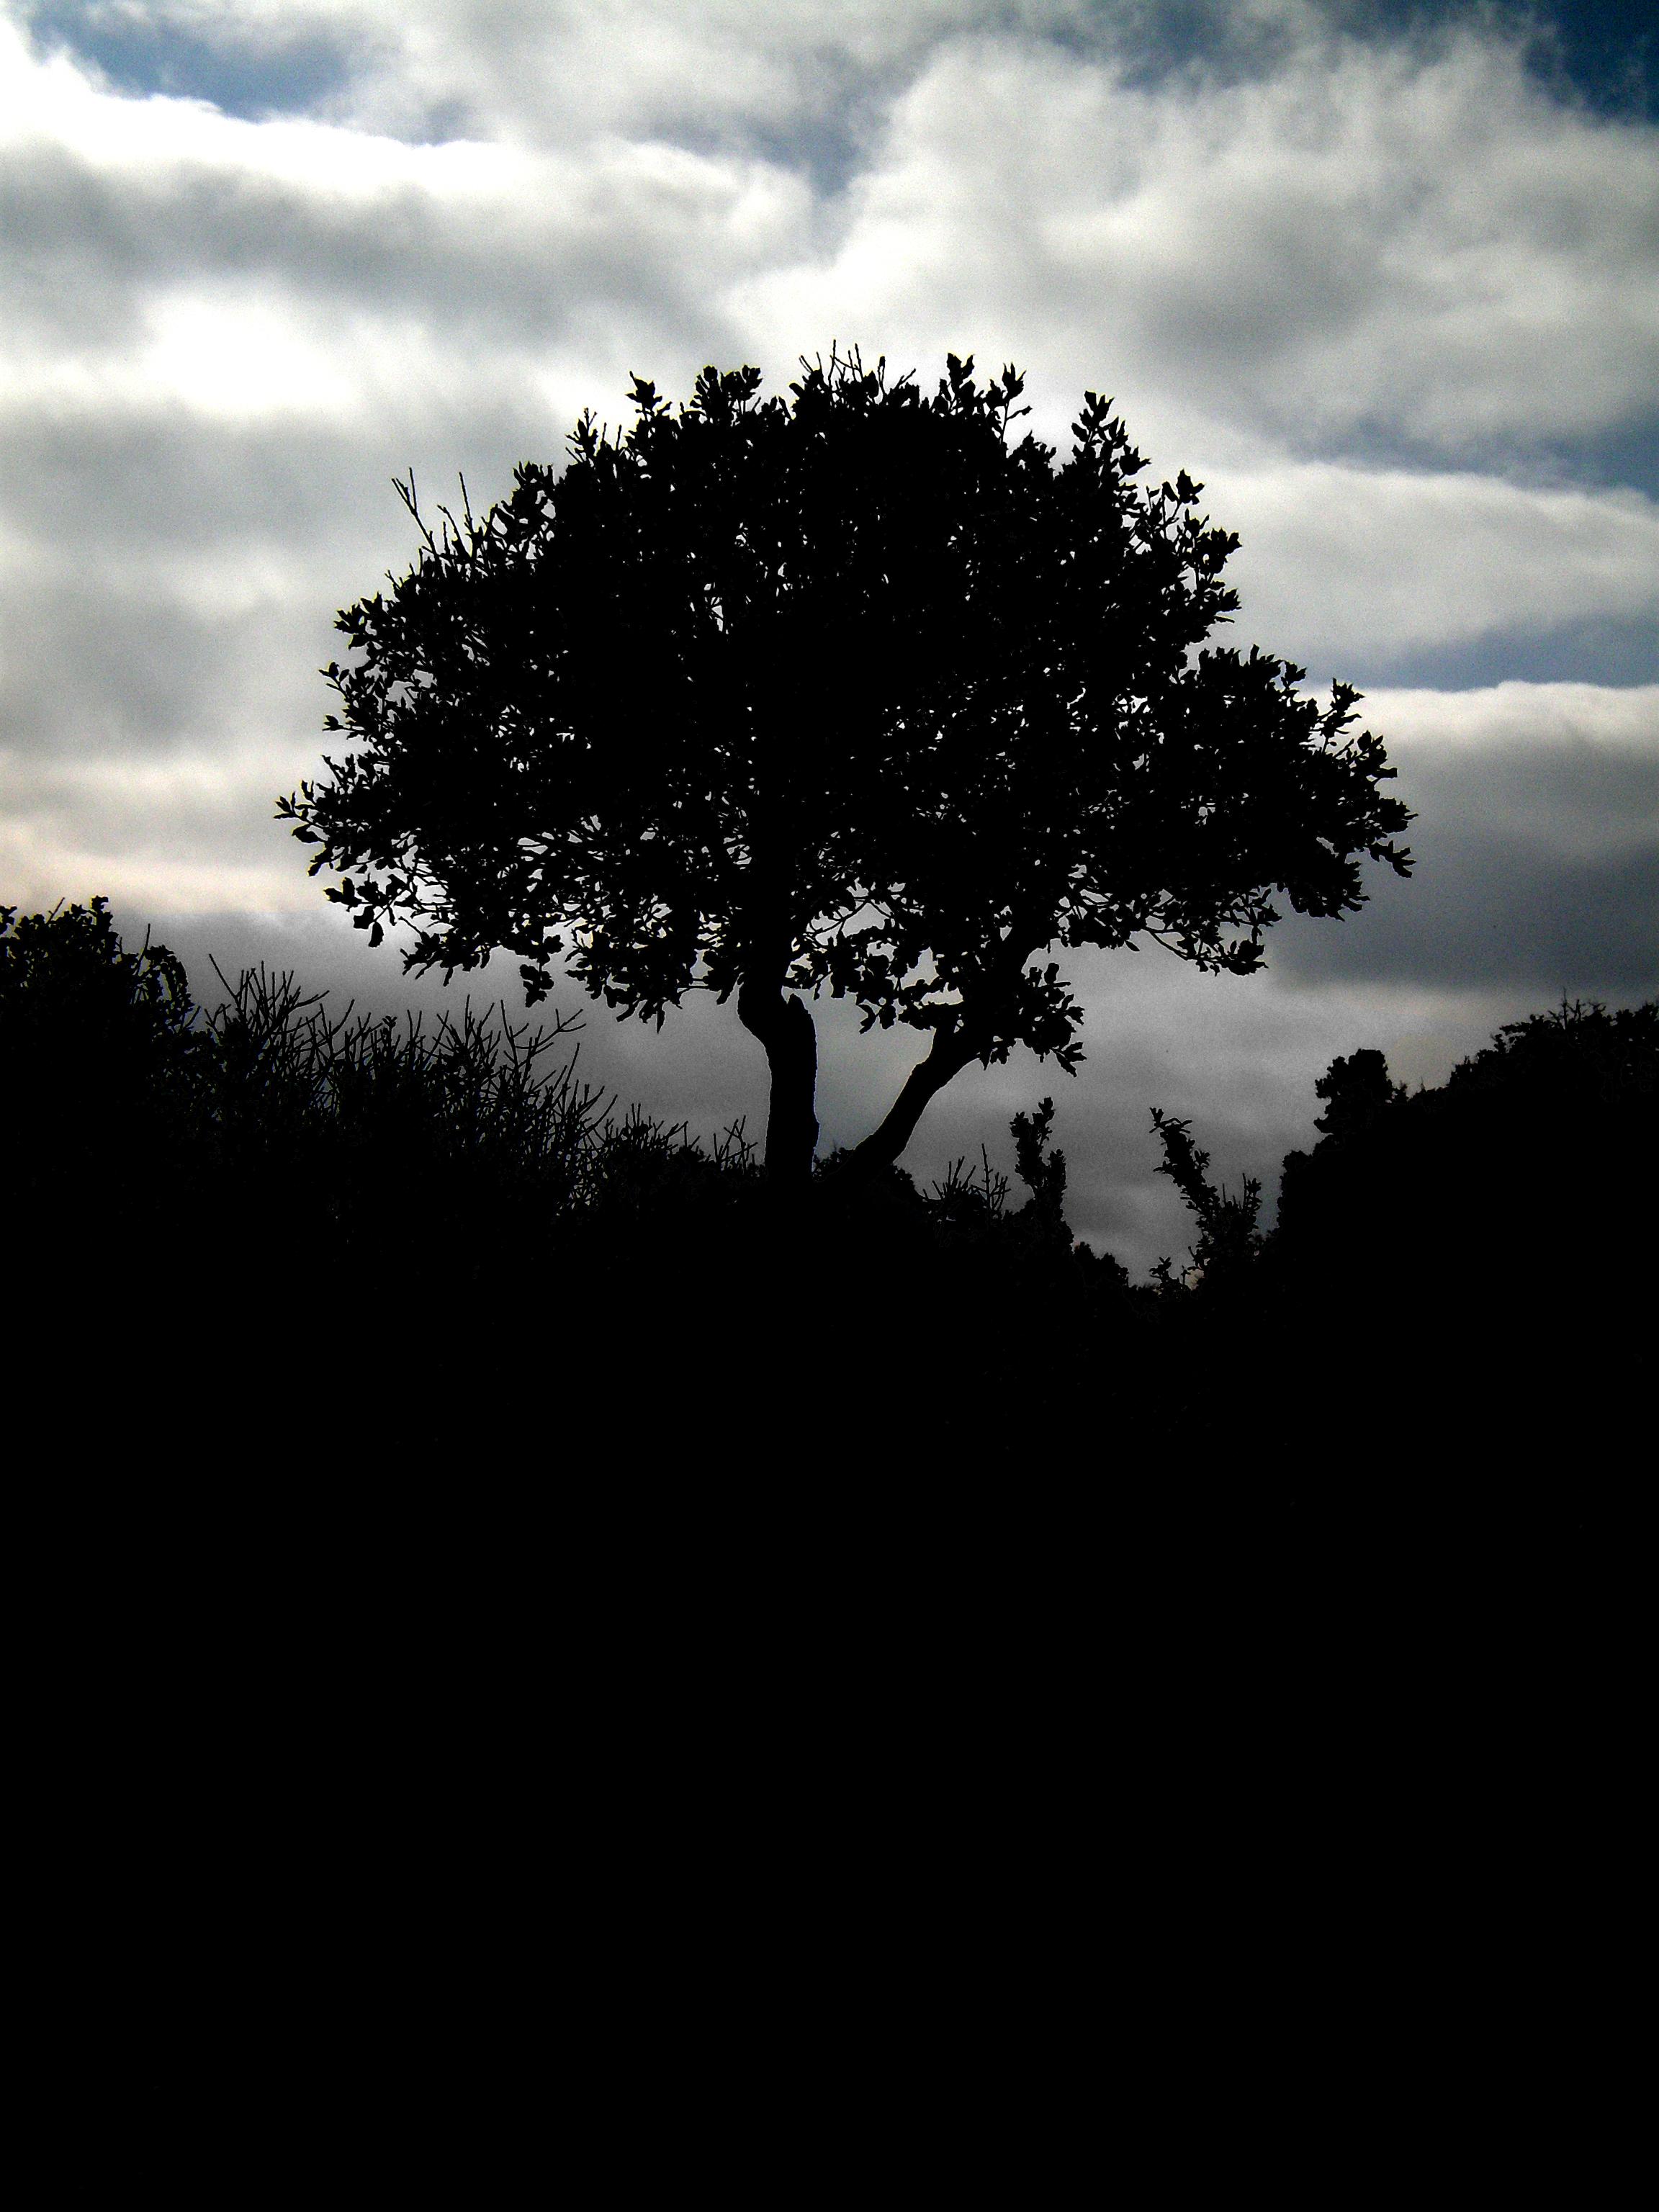 84780 скачать обои Природа, Дерево, Силуэт, Ночь, Облака, Трава - заставки и картинки бесплатно